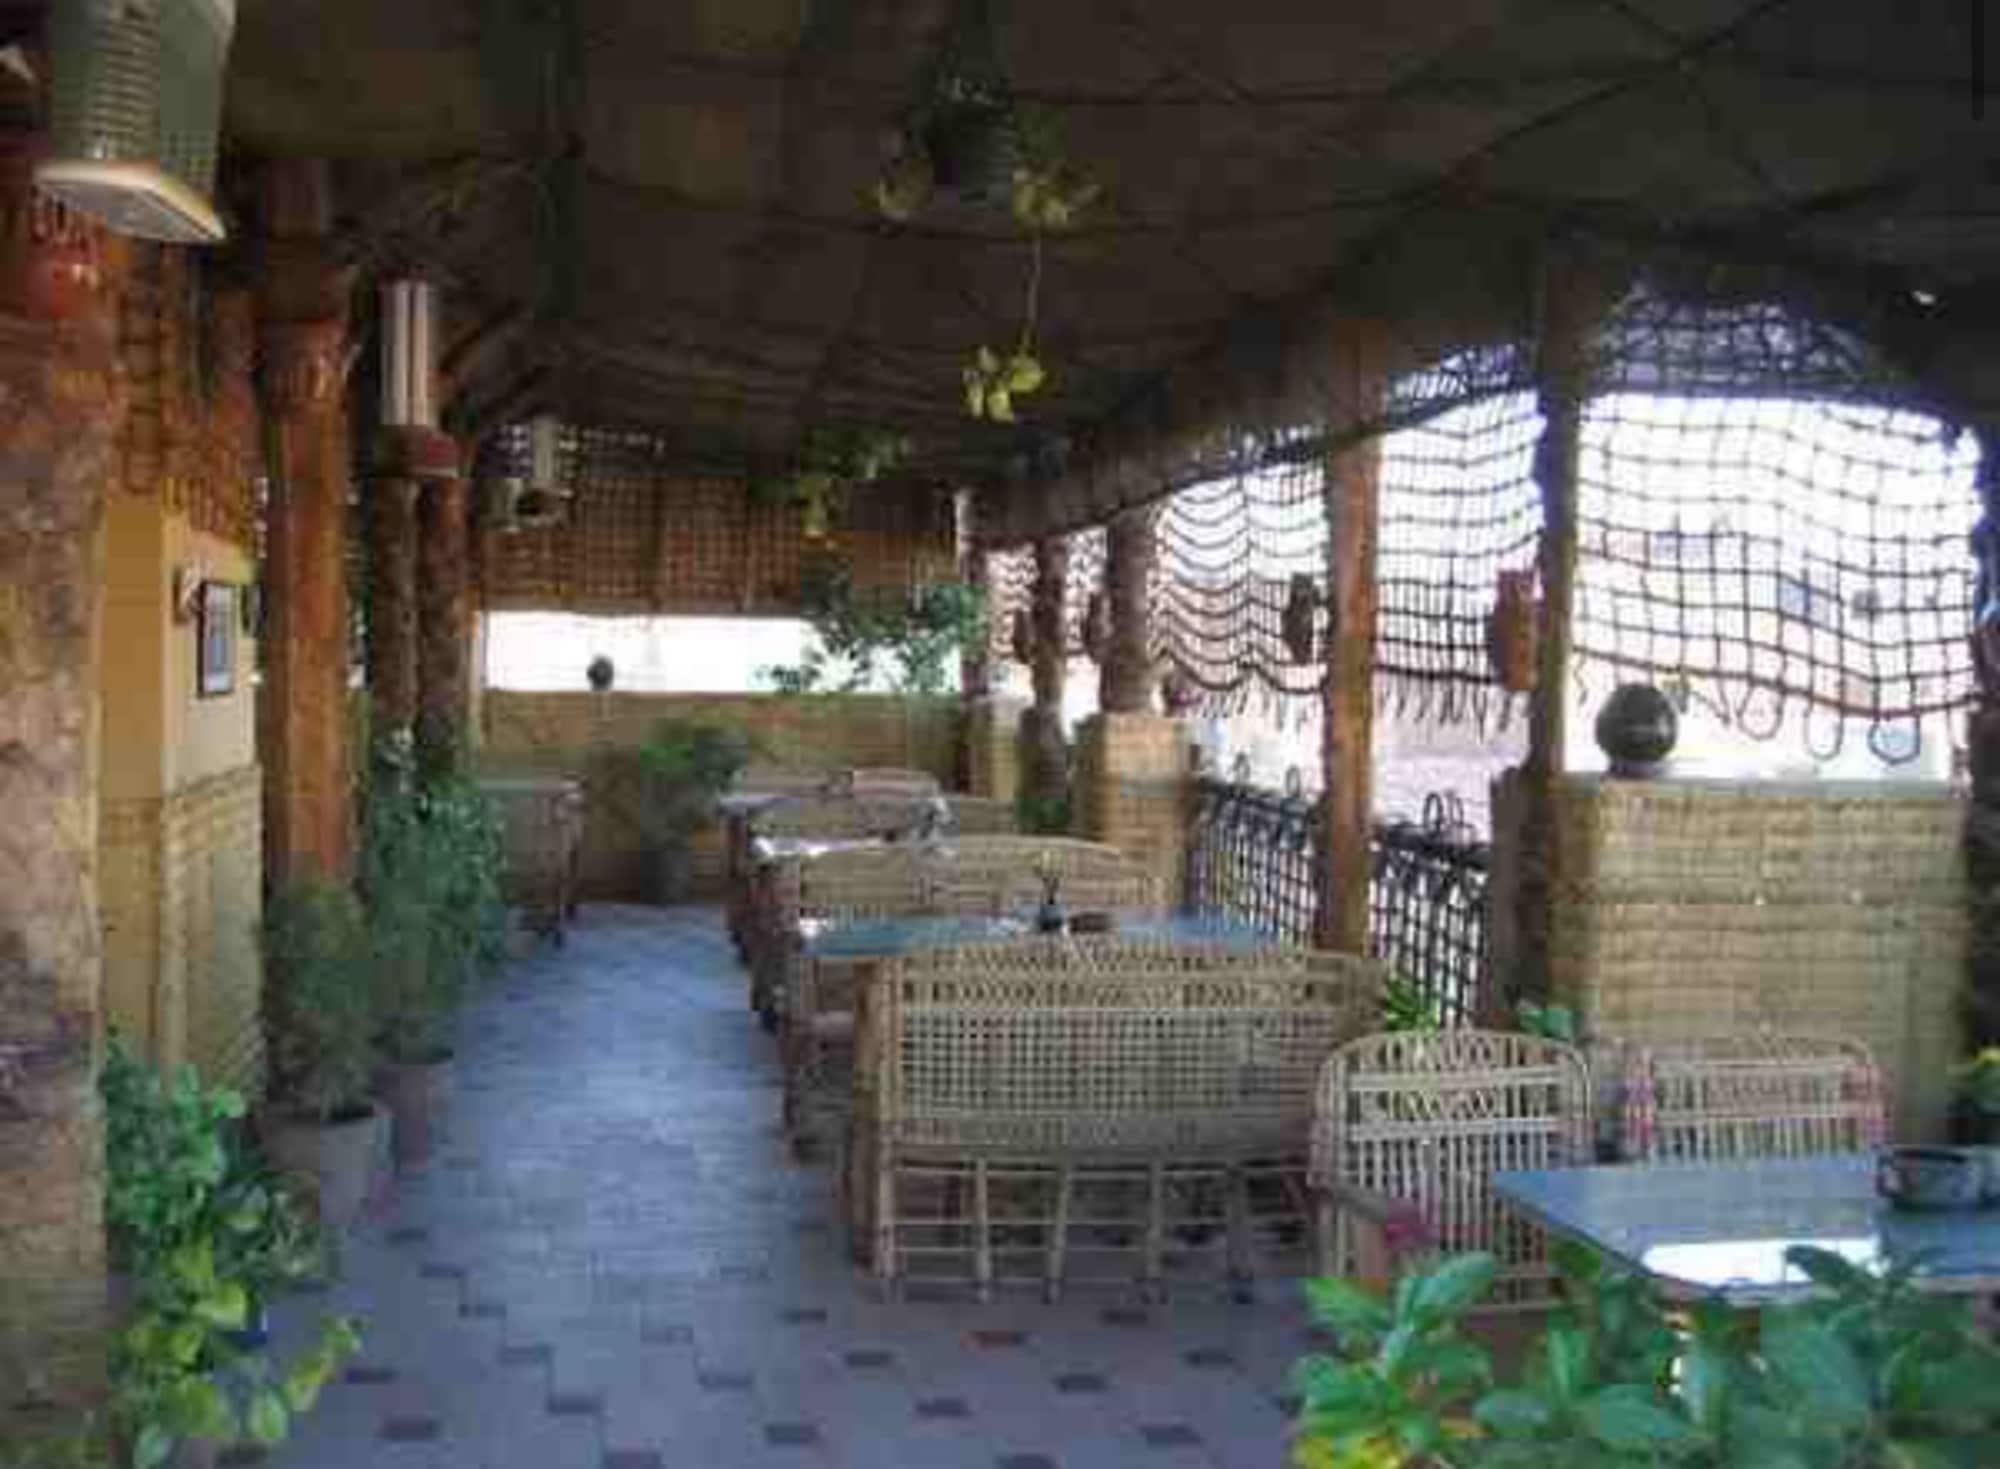 Keylany Hotel, Aswan